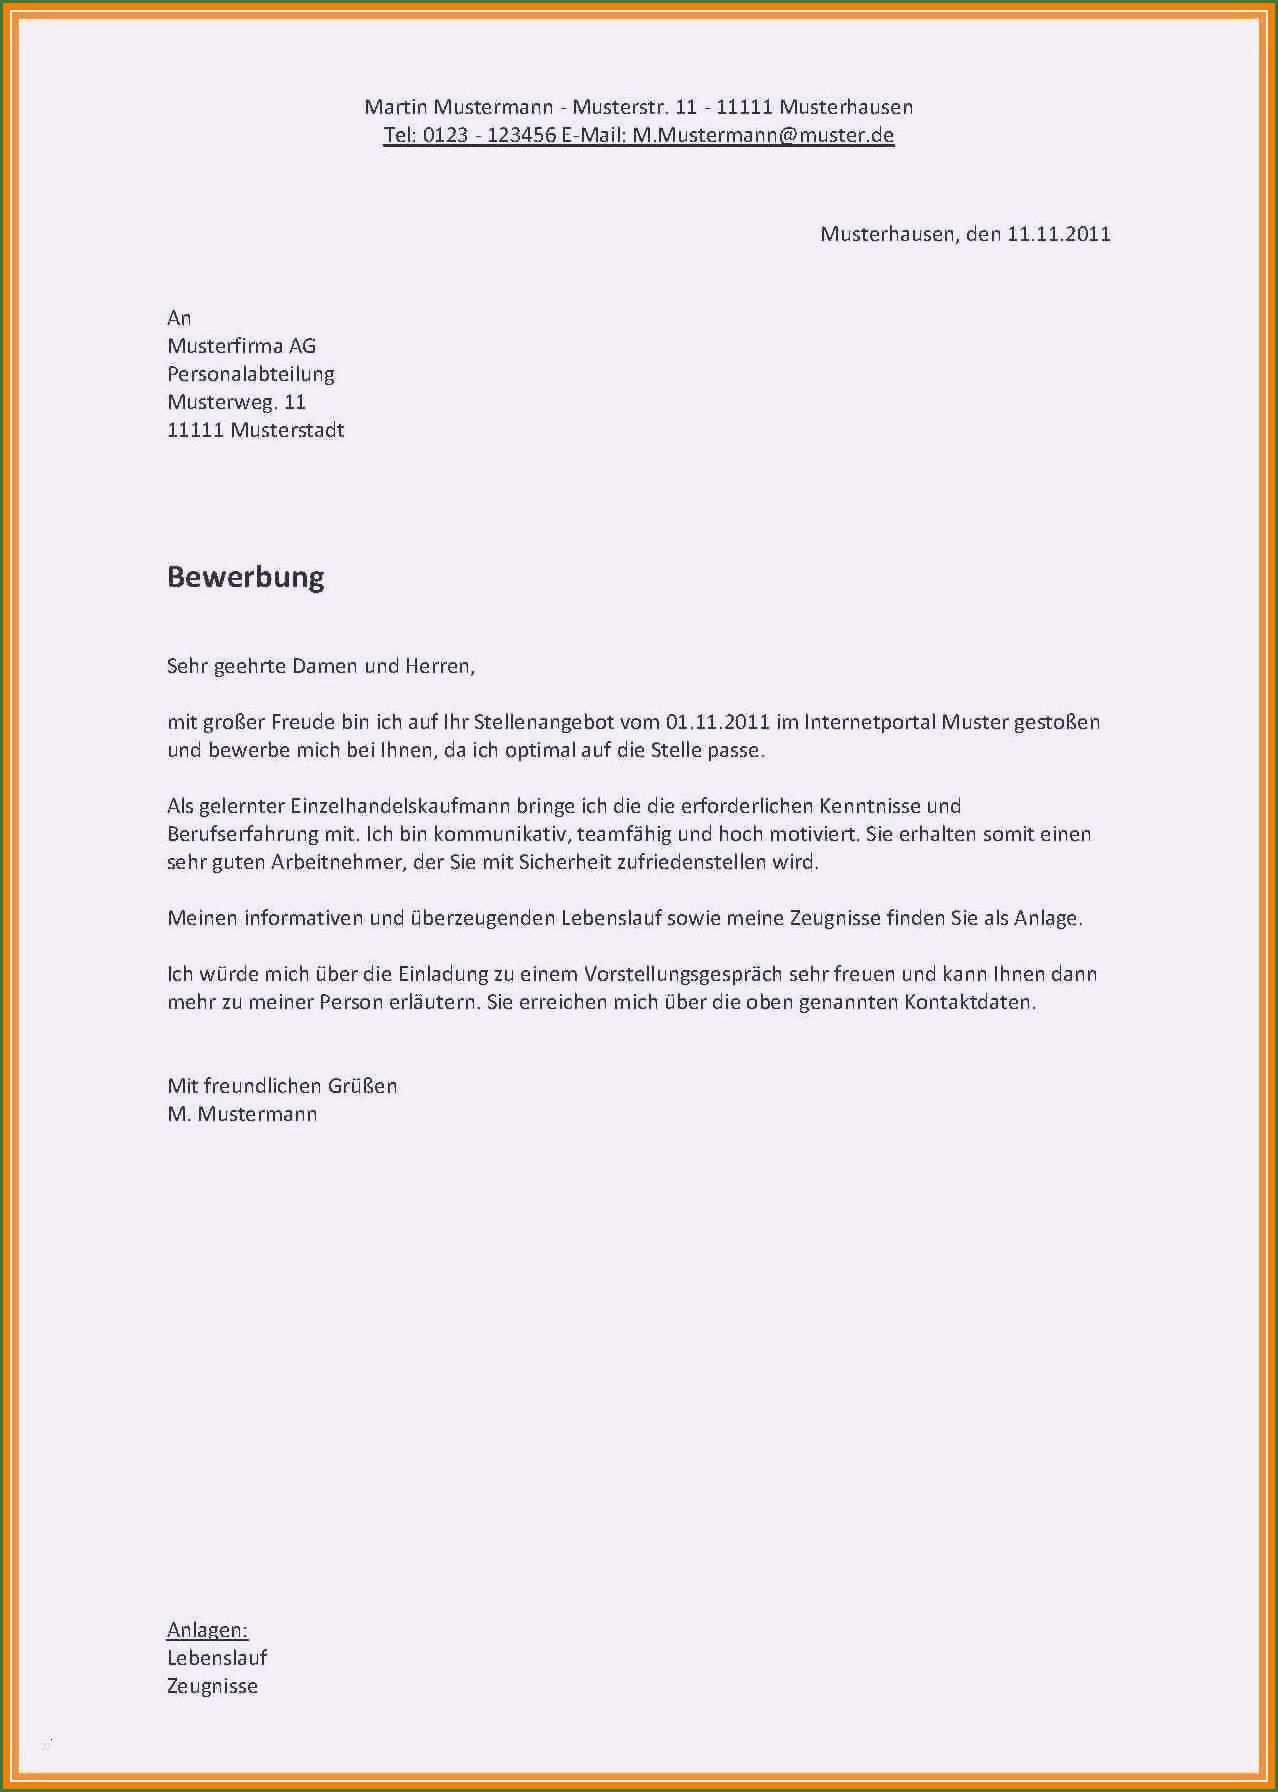 30 Neu Aldi Bewerbung Vorlage Bilder Bewerbung Briefkopf Vorlage Geschenkgutschein Vorlage